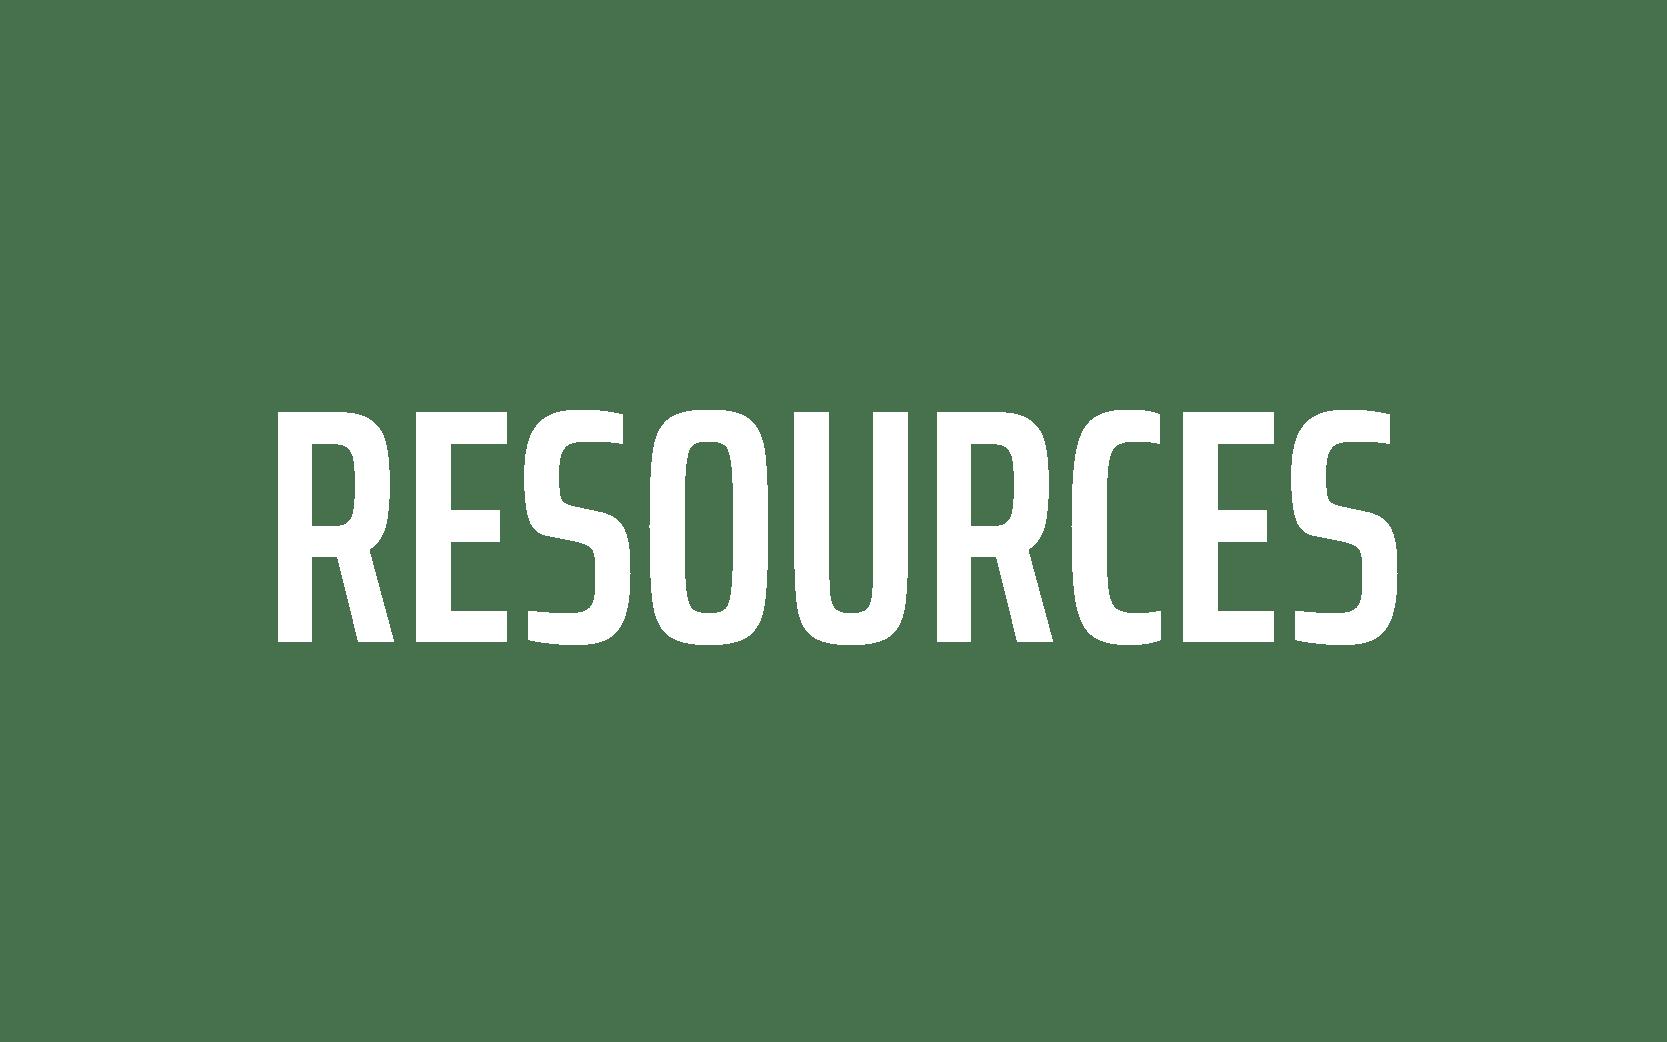 XAXs design resources